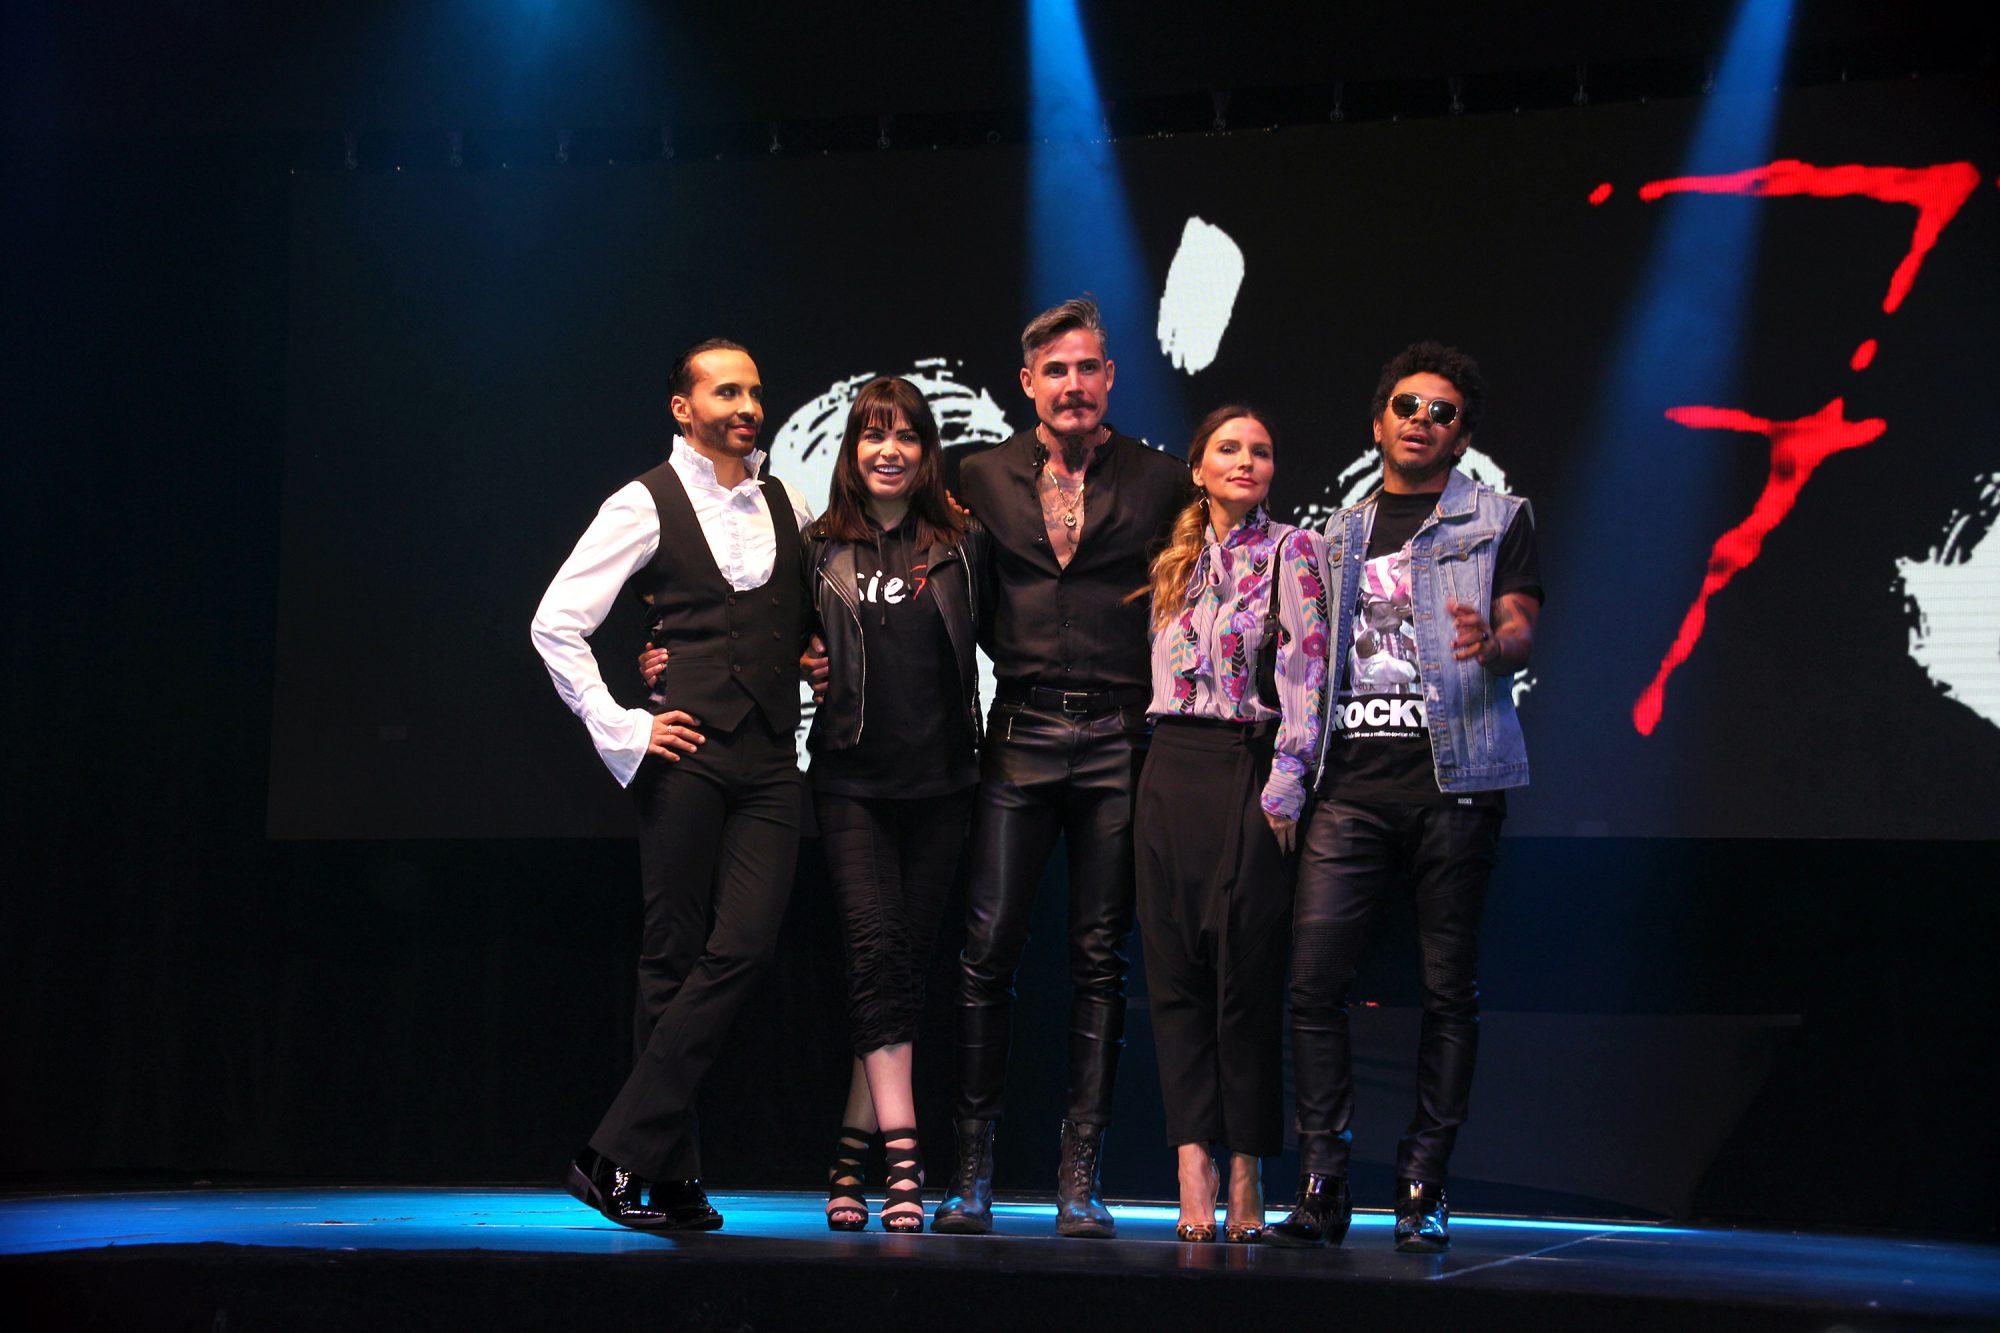 """Issabela Camil y más participan en """"Sie7e"""" un espectáculo musical en el que se representarán a los siete pecados capitales y que estrena temporada el próximo 18 de junio en el Pepsi Center de la capital mexicana"""